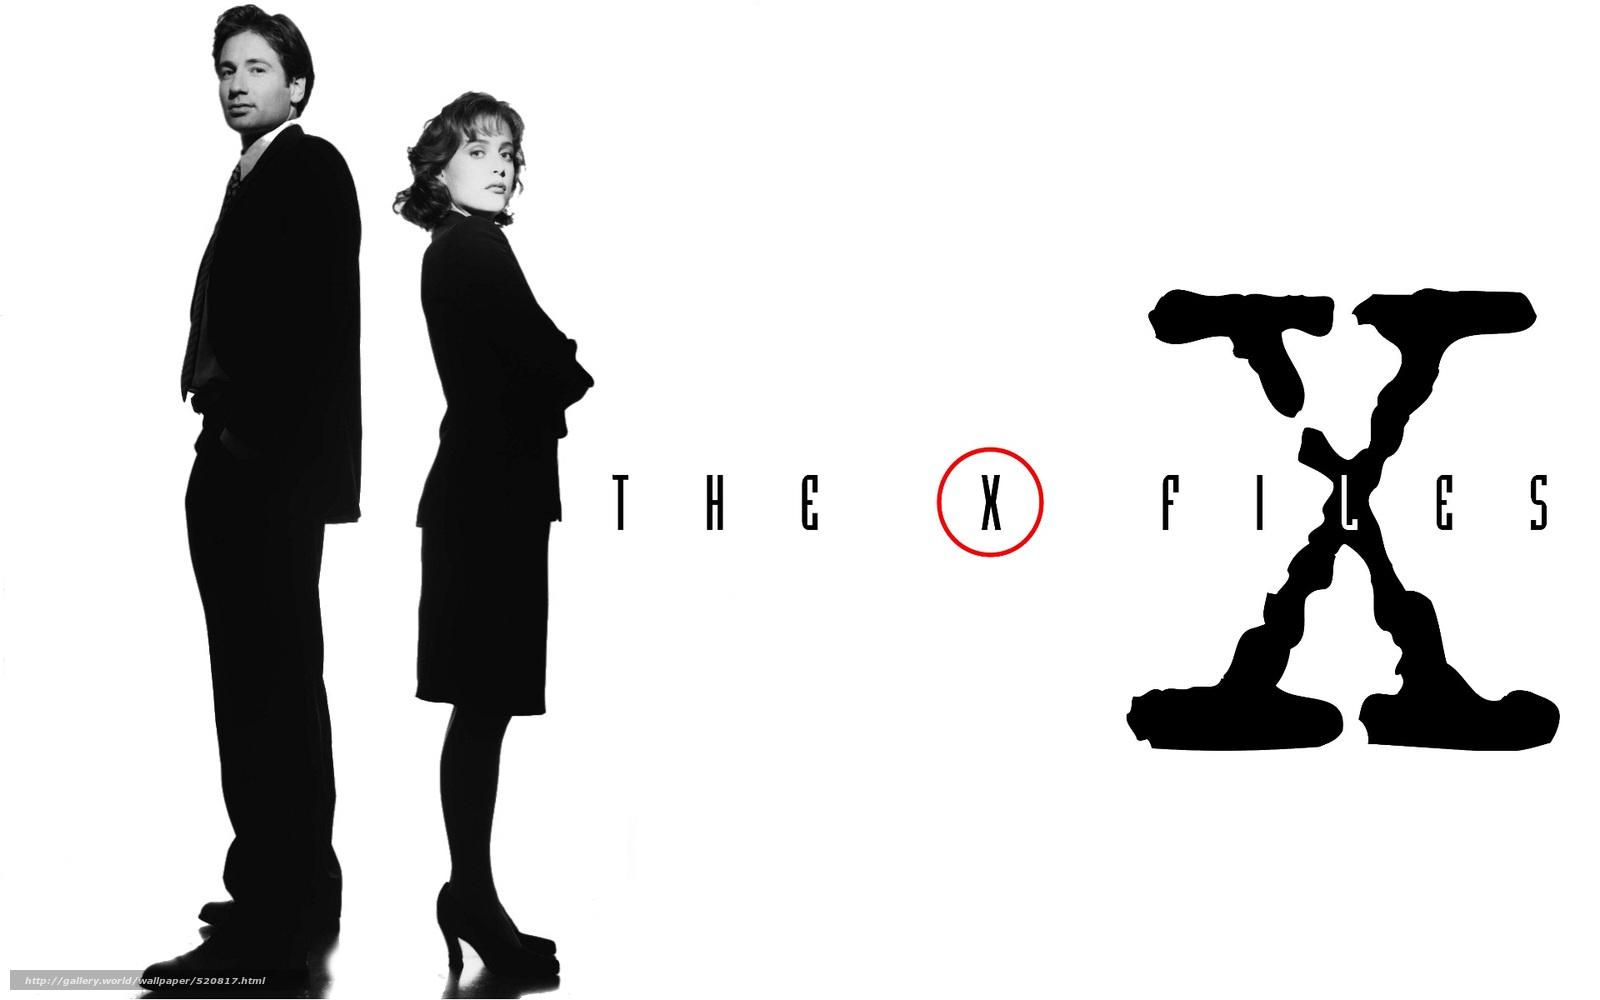 pobra tapety The X-Files,  The X Files,  seria,  Fox Mulder Darmowe tapety na pulpit rozdzielczoci 1920x1200 — zdjcie №520817